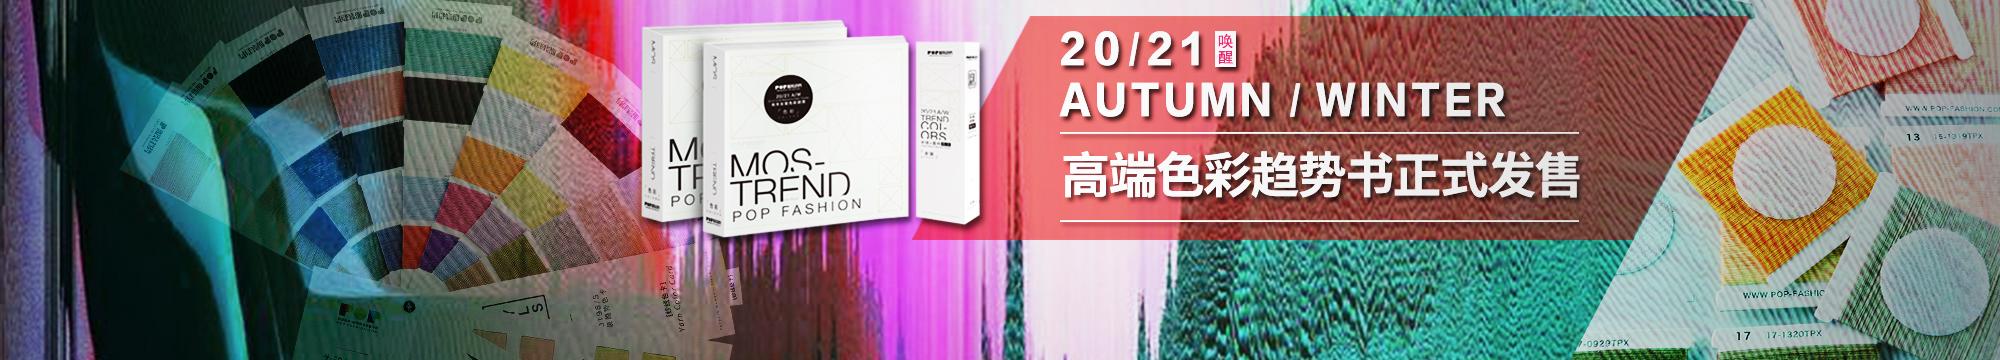 2020SS色彩书专题页